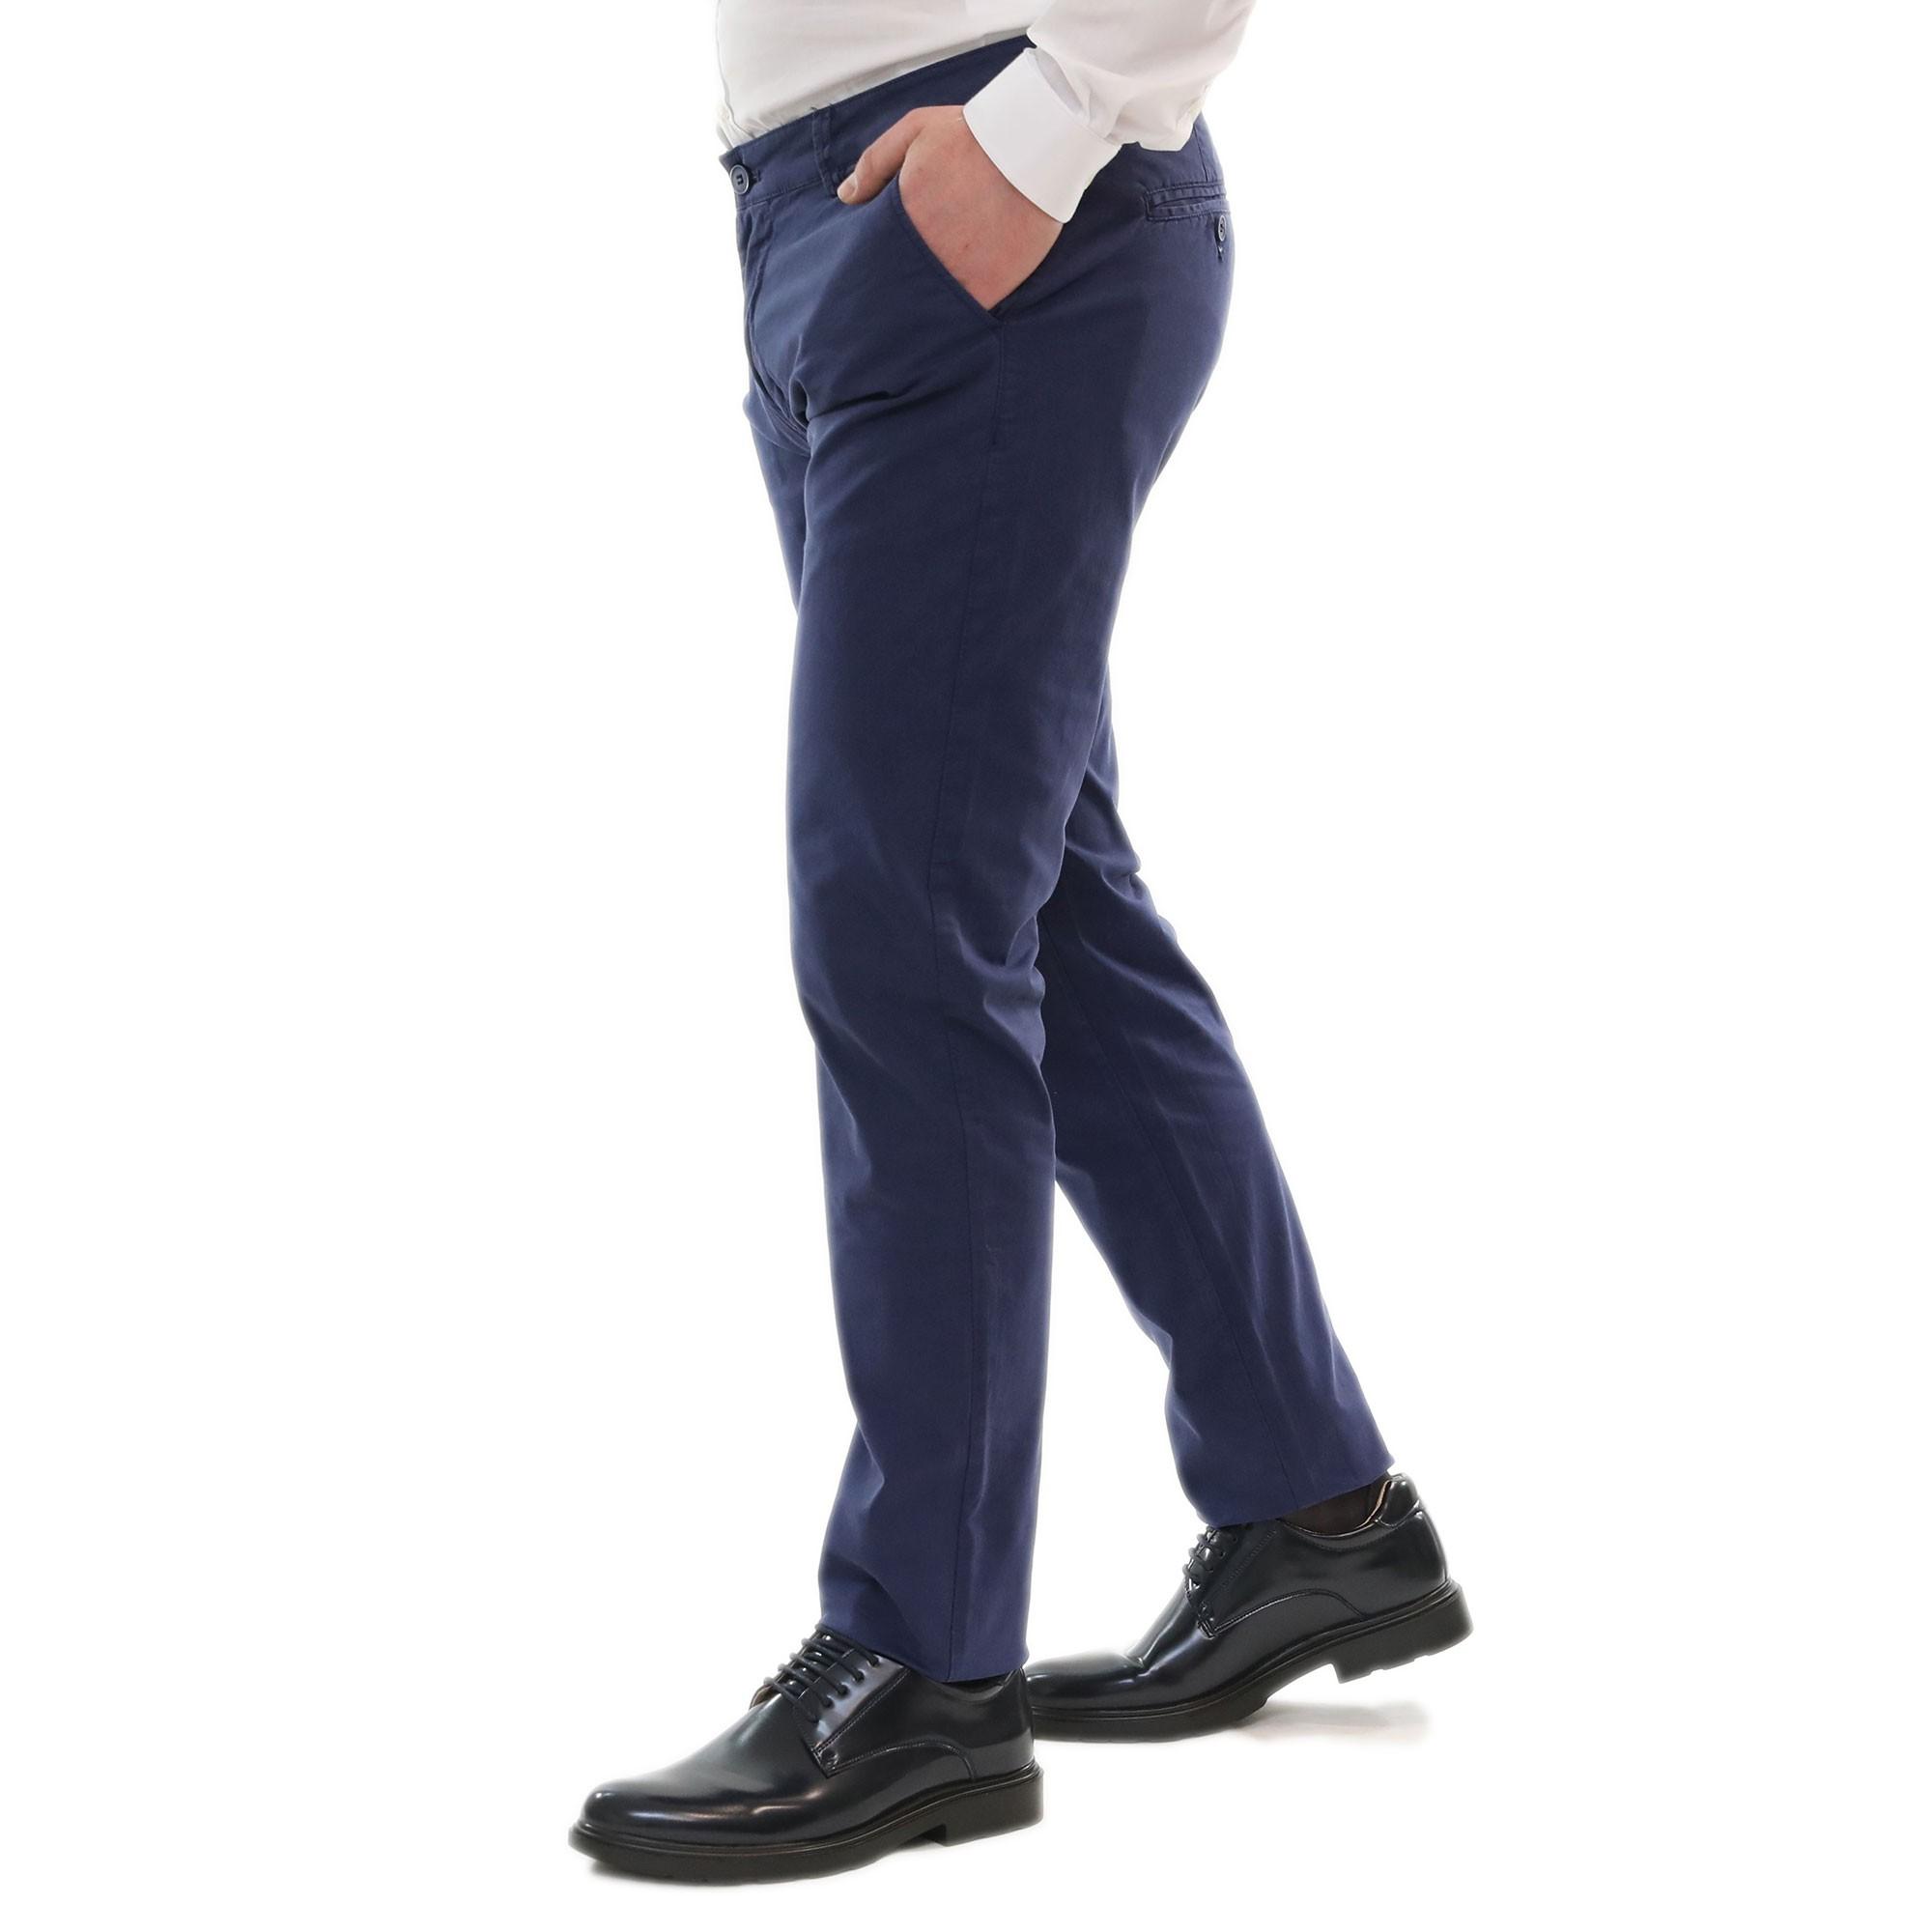 Pantalone-Uomo-Estivo-Cotone-Leggero-Chino-Slim-Fit-Elegante-Tasche-America miniatura 9